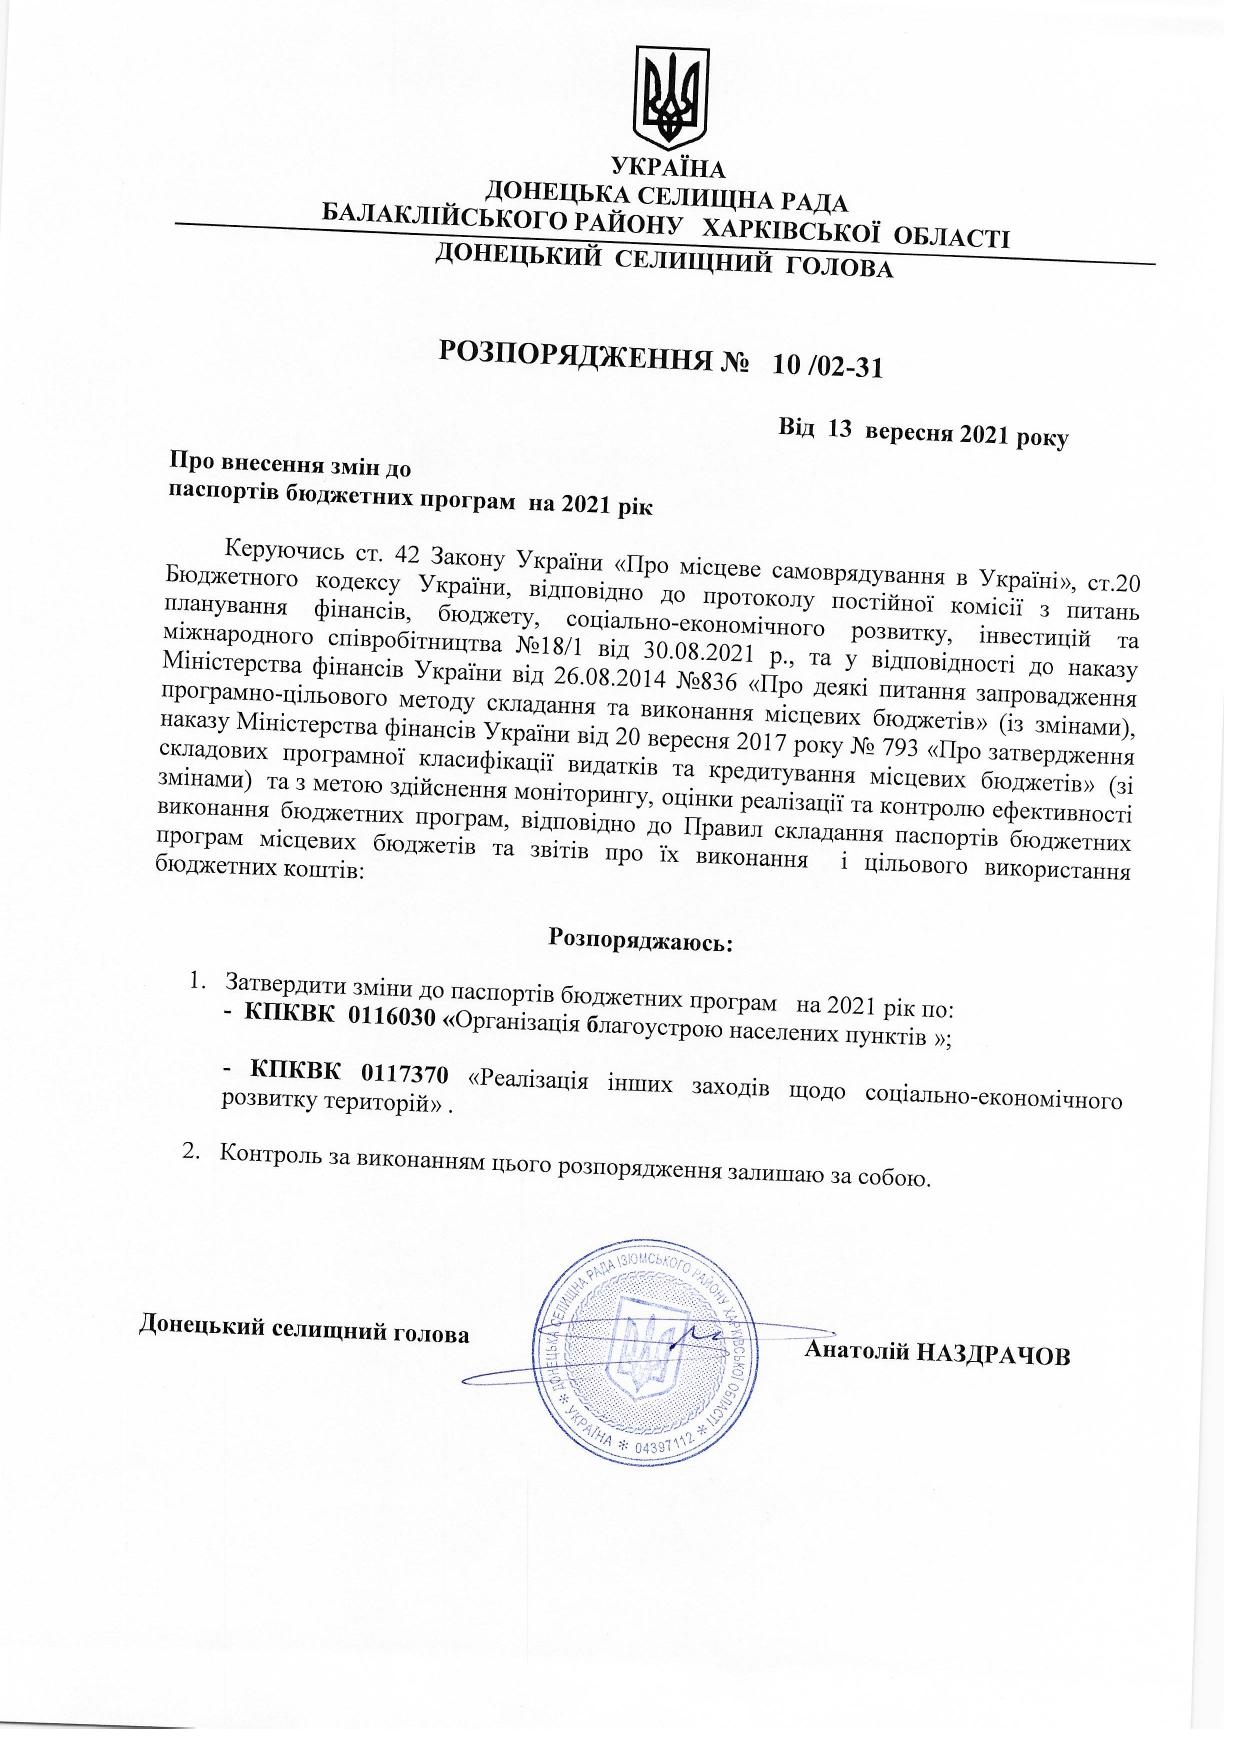 Розпорядження 10/02-31 Про внесення змін до паспортів бюджетних програм на 2021 рік